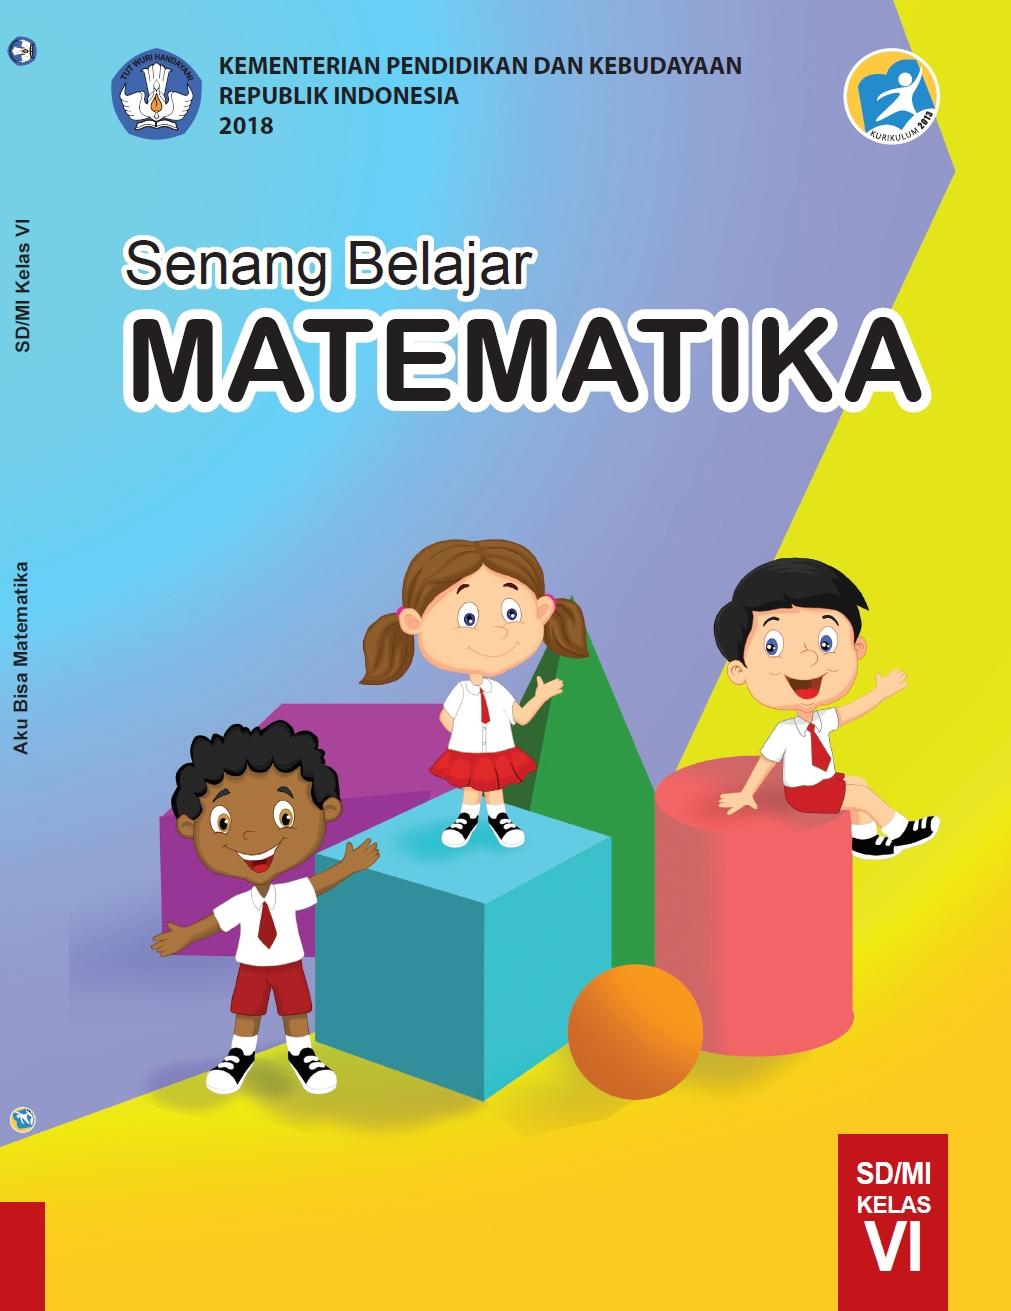 Buku Siswa Kelas 6 Kurikulum 2013 Revisi 2018 Semester 2 : siswa, kelas, kurikulum, revisi, semester, Siswa, Matematika, Kelas, SD/MI, Kurikulum, Datadikdasmen